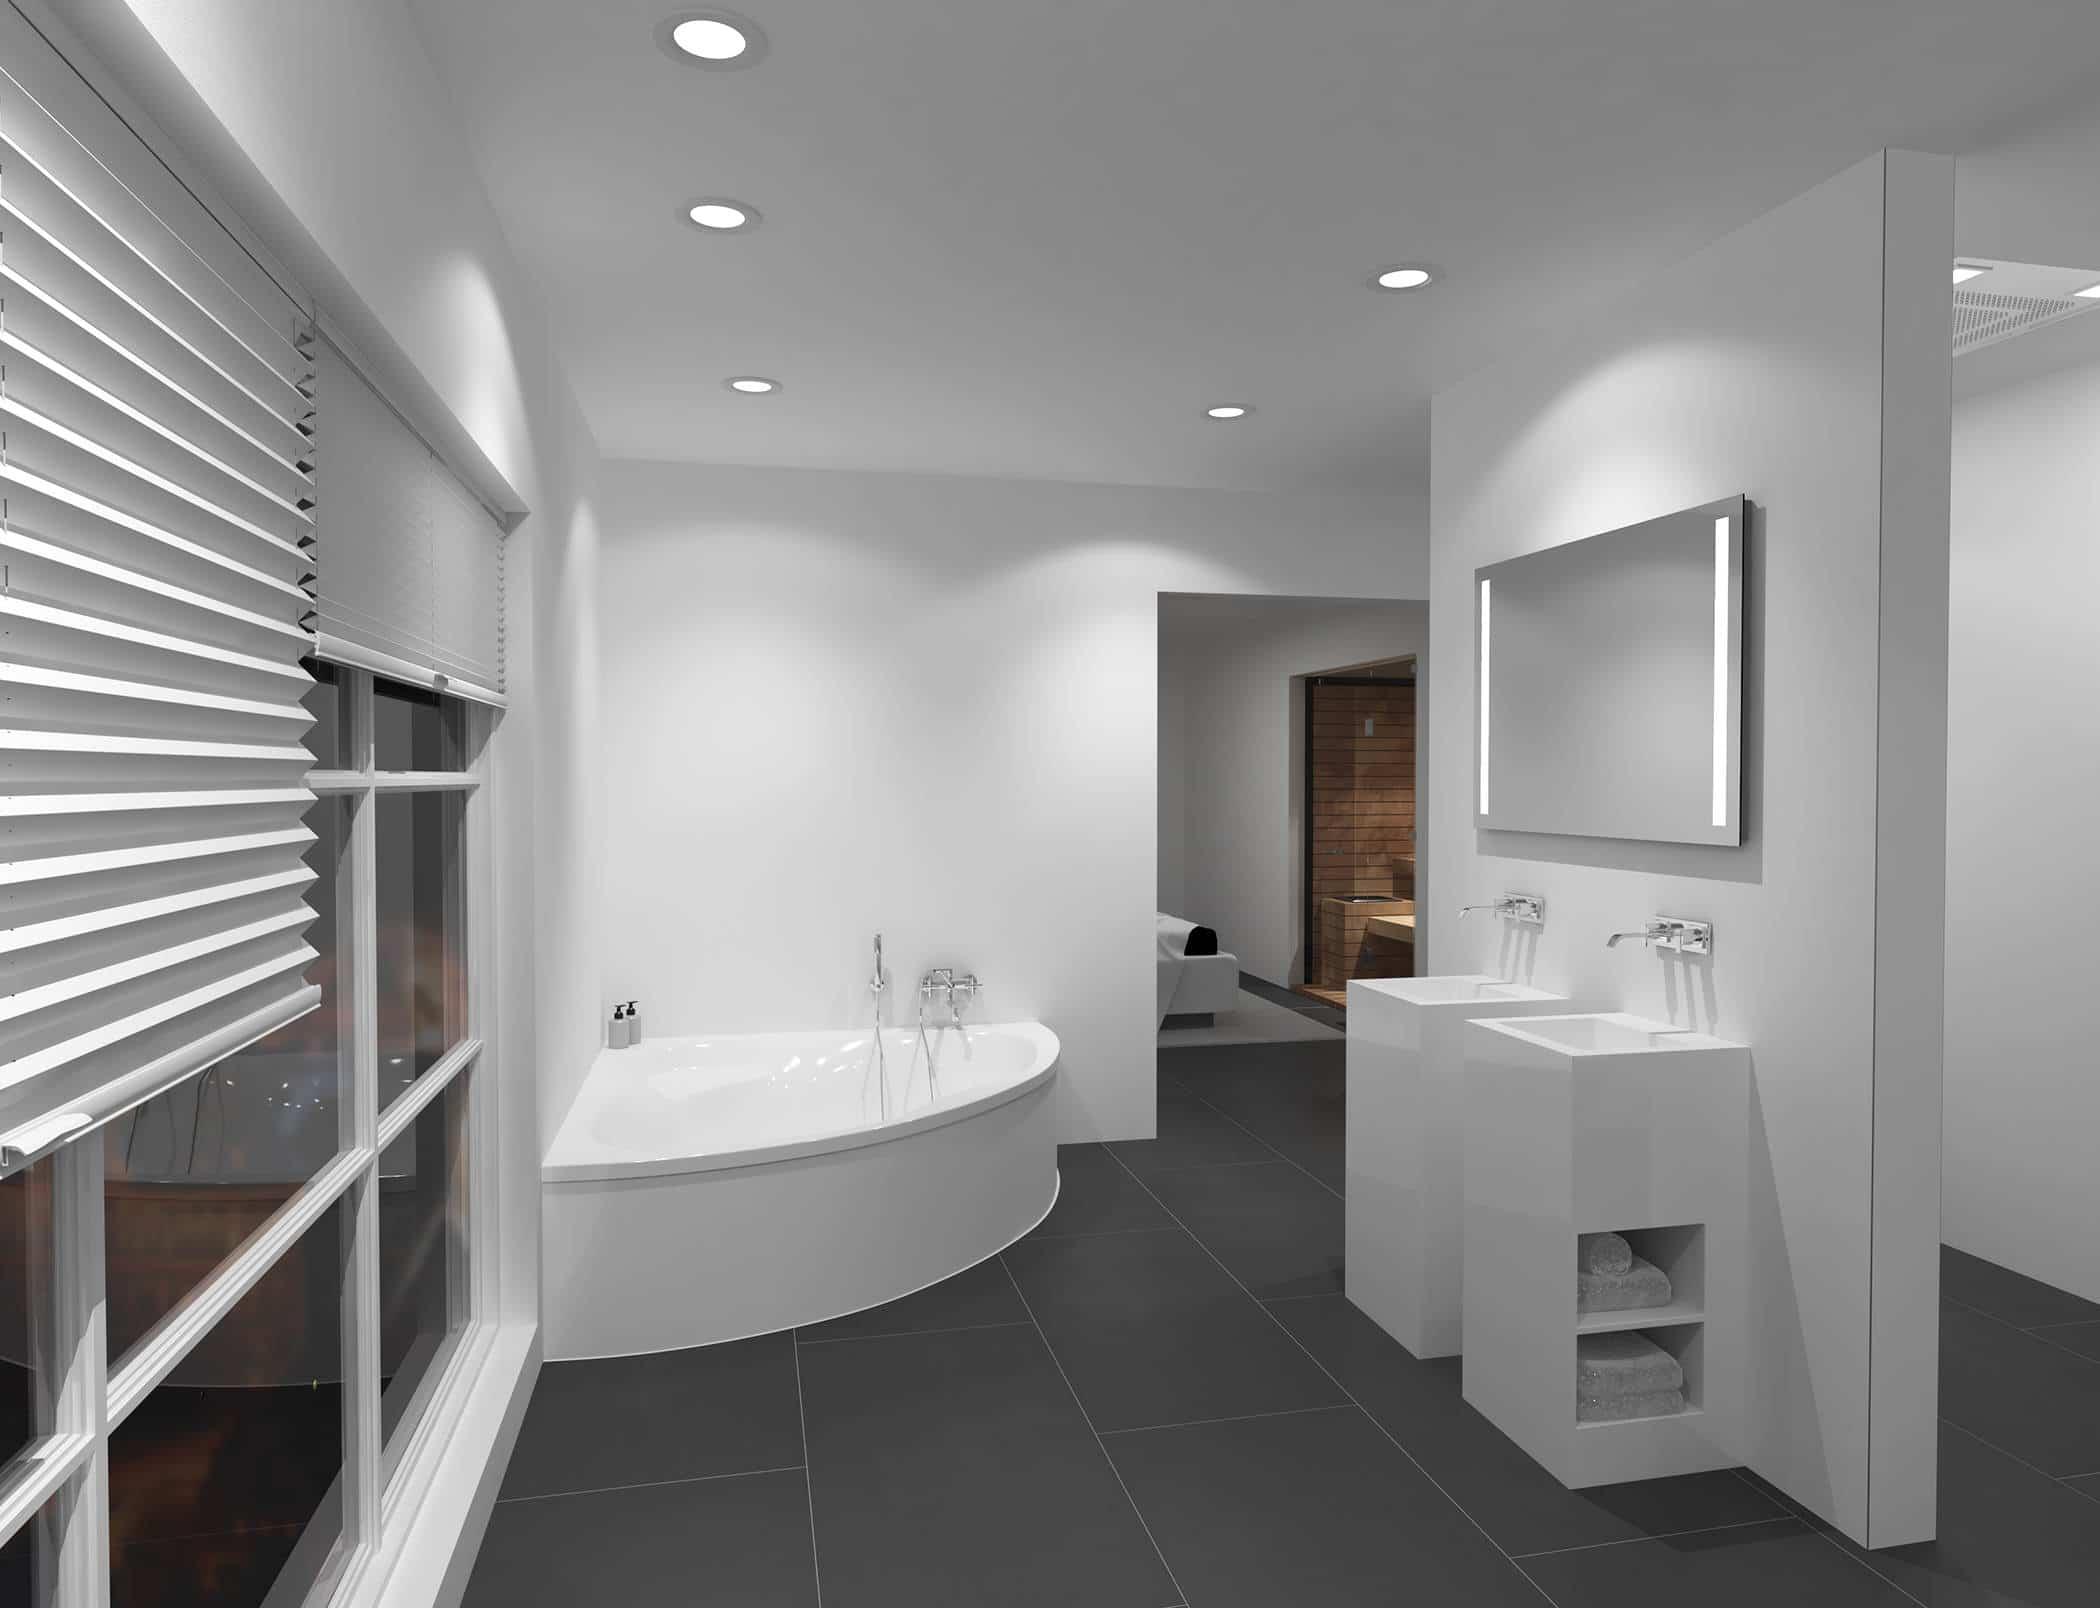 Badspiegel mit Beleuchtung links & rechts - TALOS LIGHT ...